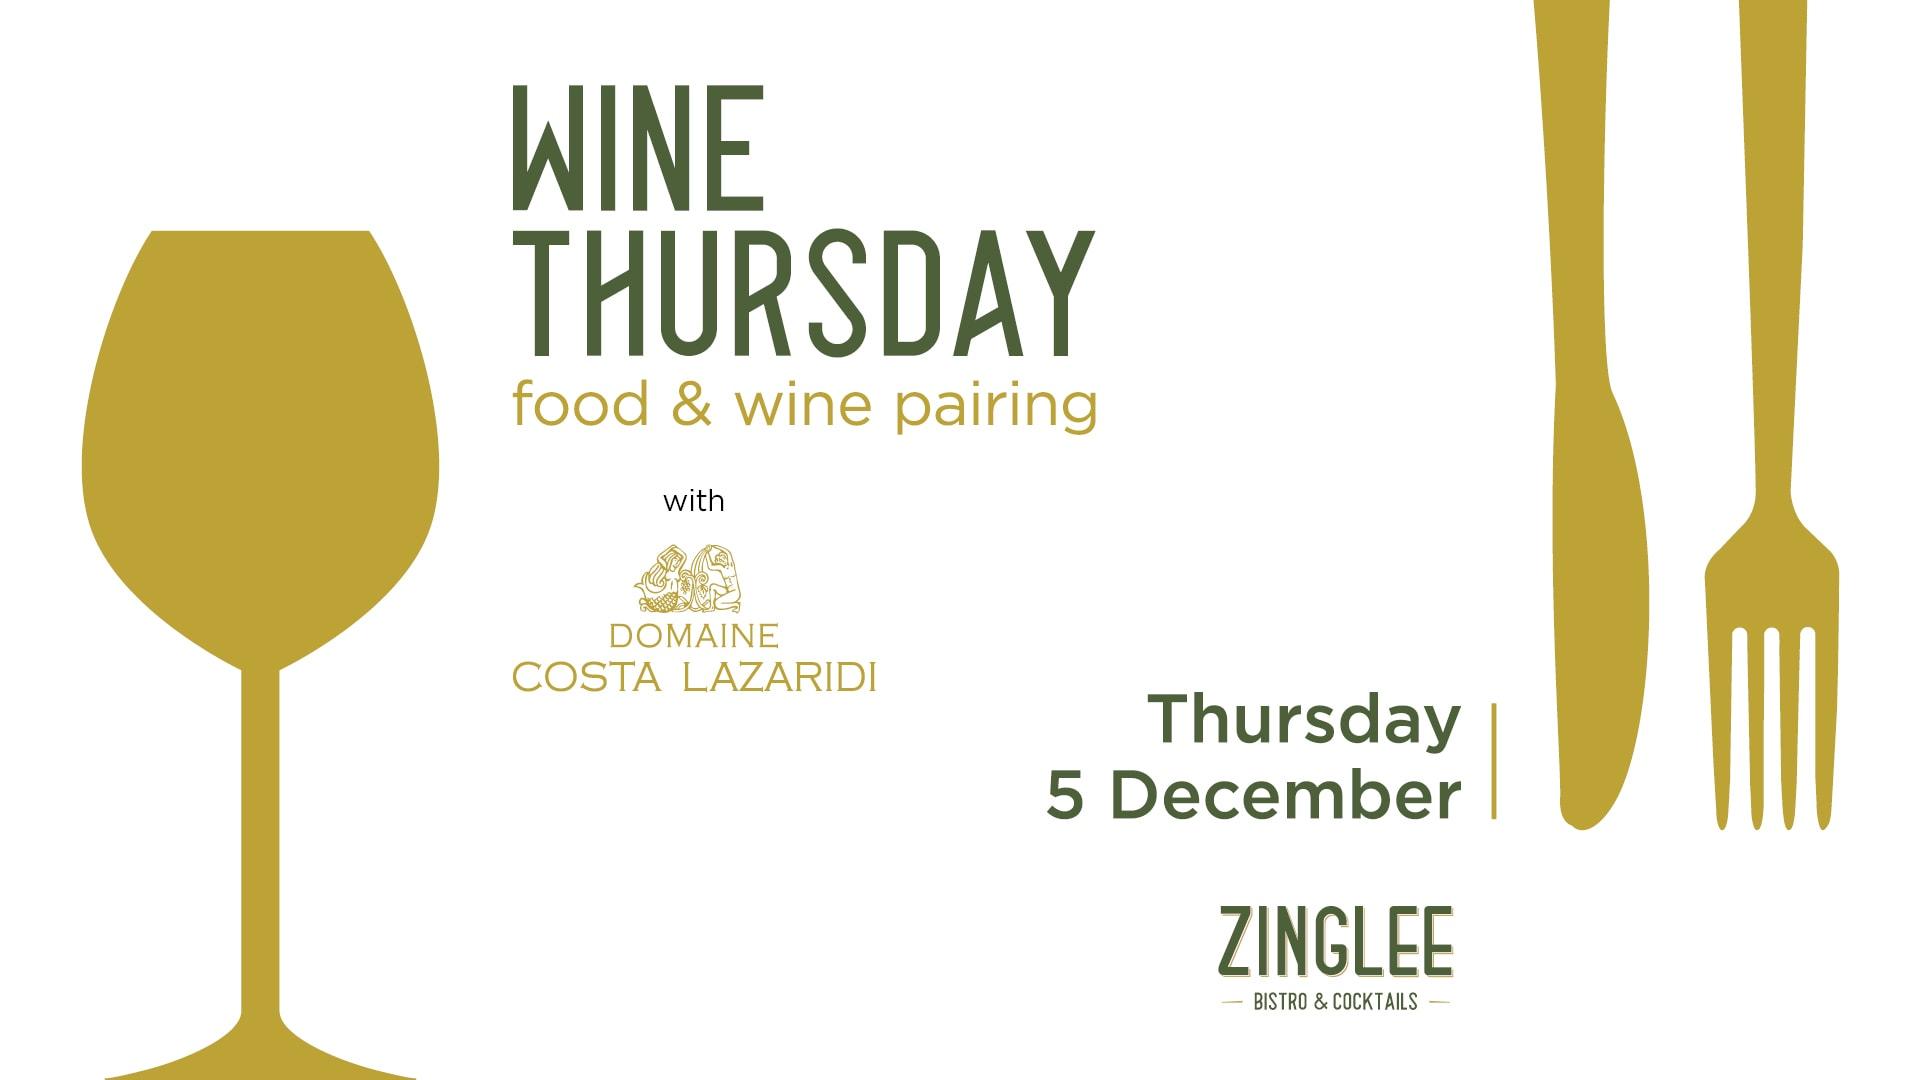 Βραδιά φαγητού και wine στο ZINGLEE με το κτήμα SEMELI